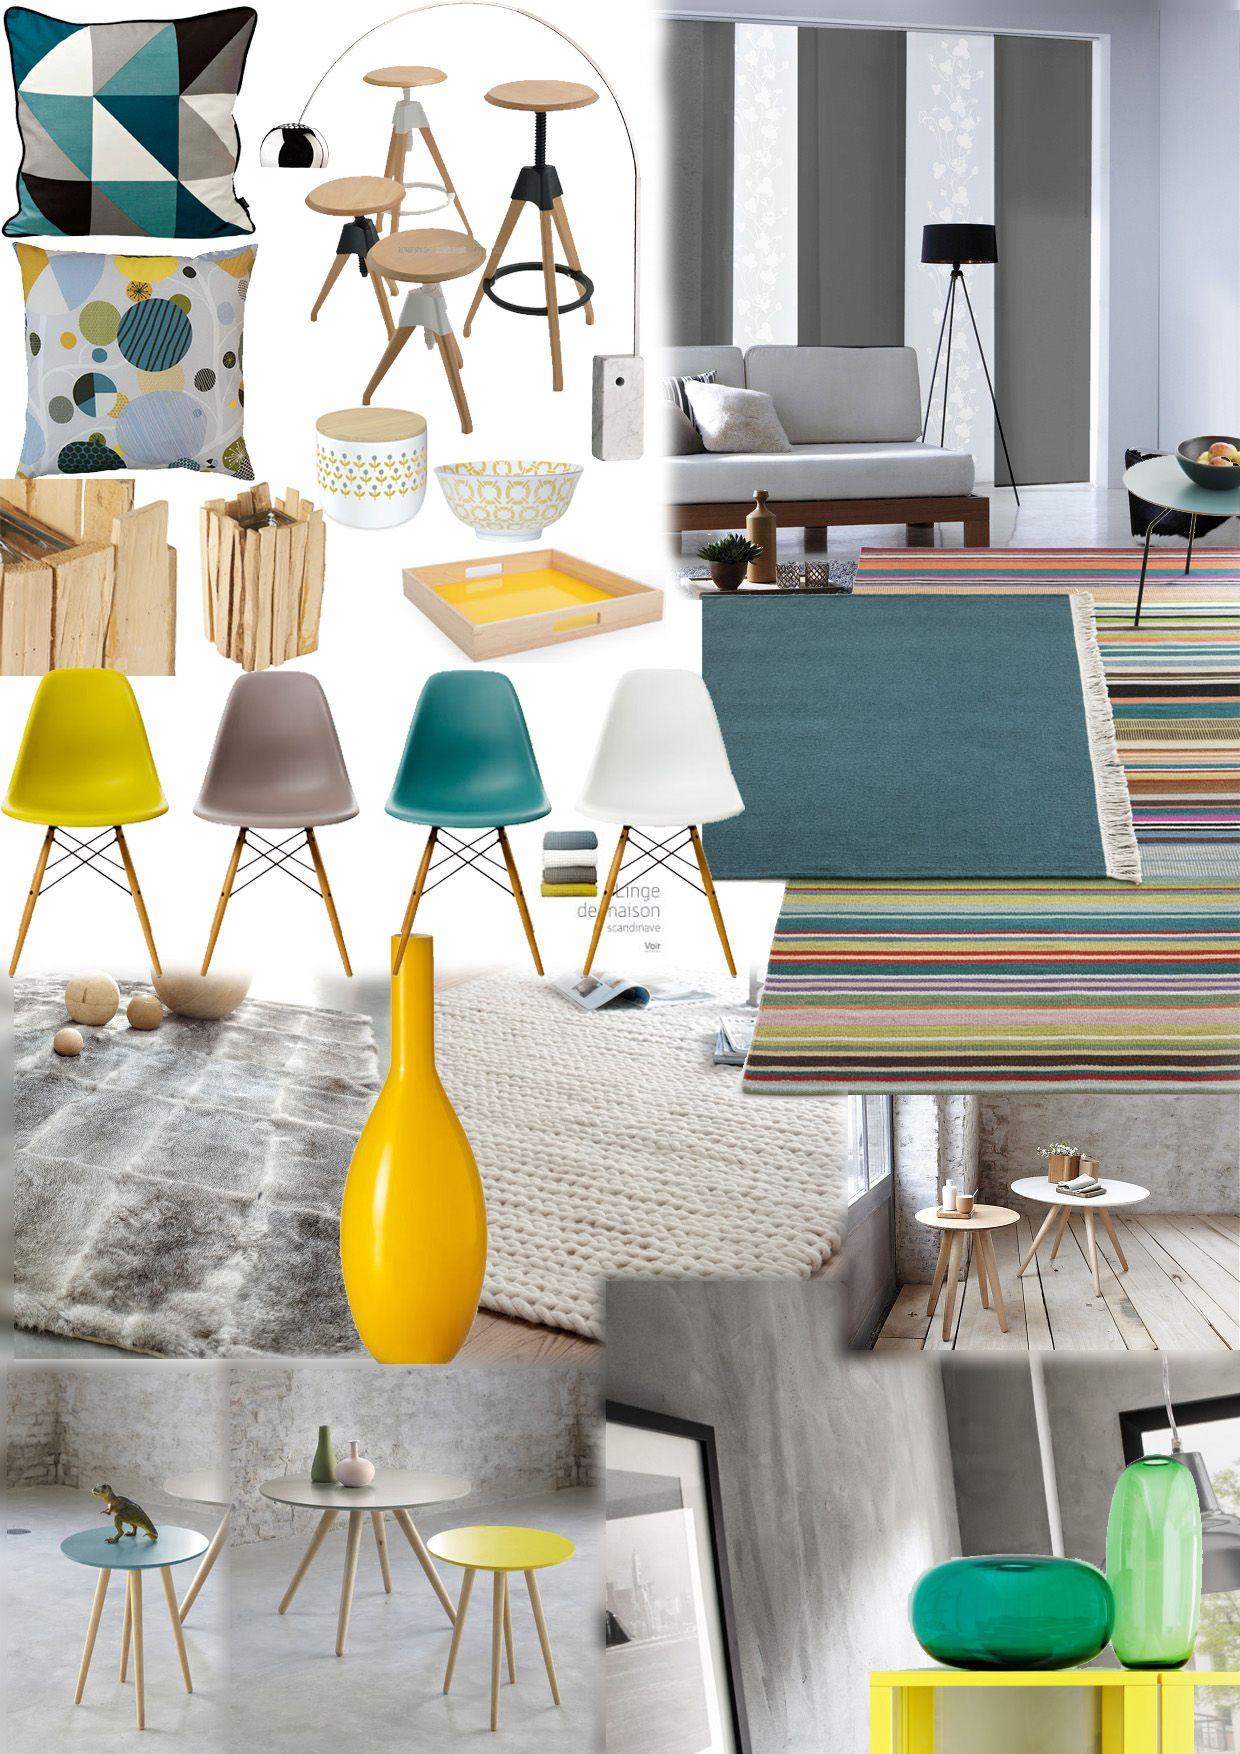 planche tendance planche tendance pinterest planches tendance et le style. Black Bedroom Furniture Sets. Home Design Ideas